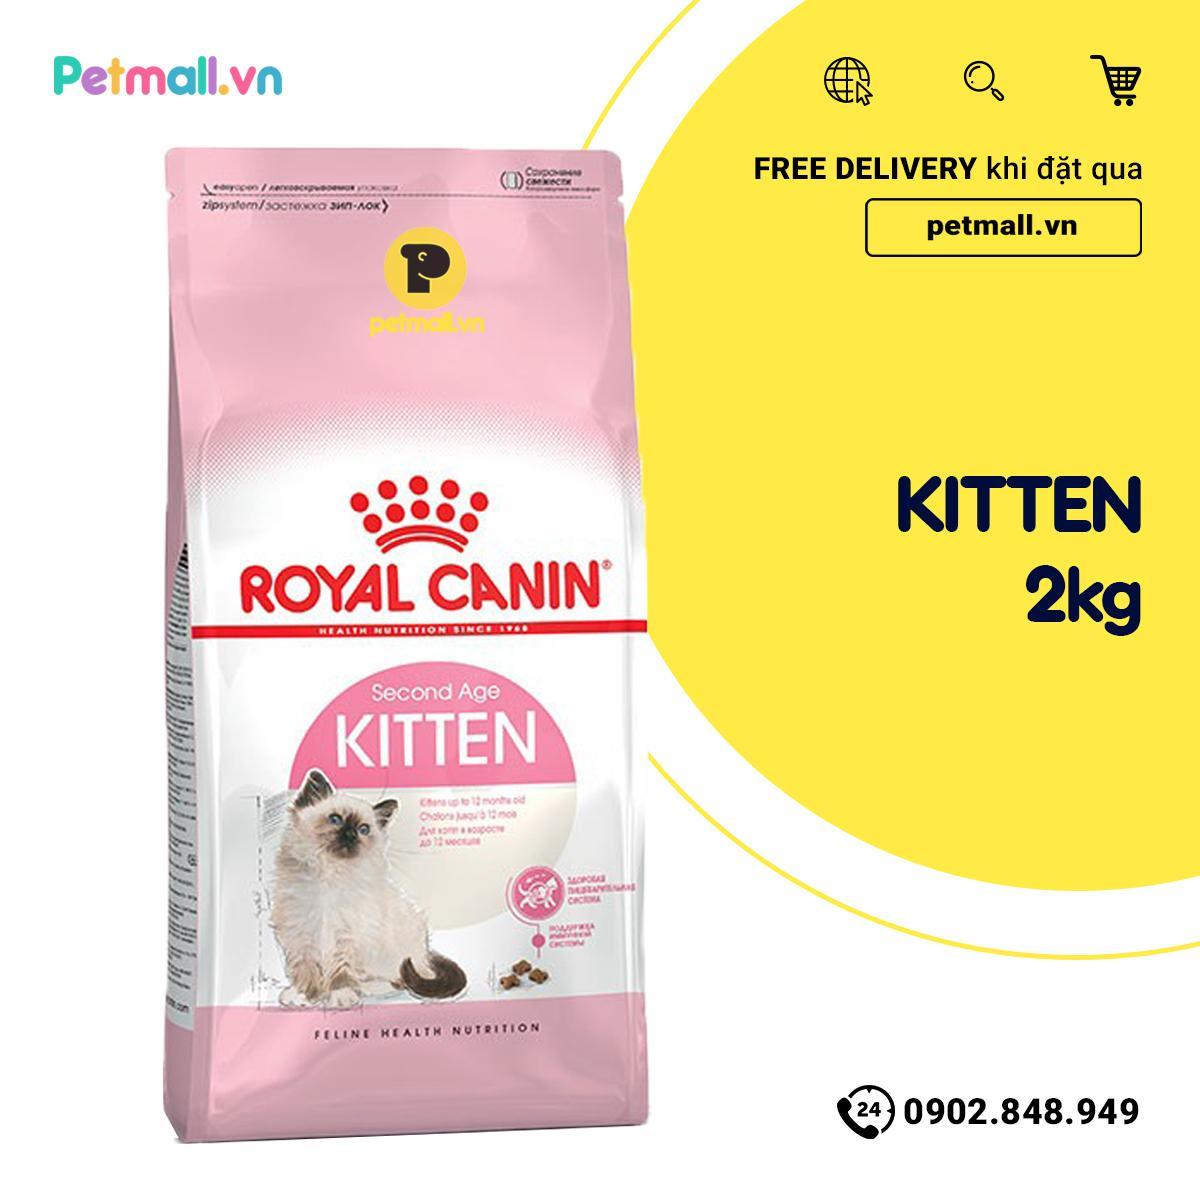 Offer Ưu Đãi Thức ăn Mèo Royal Canin KITTEN 2kg